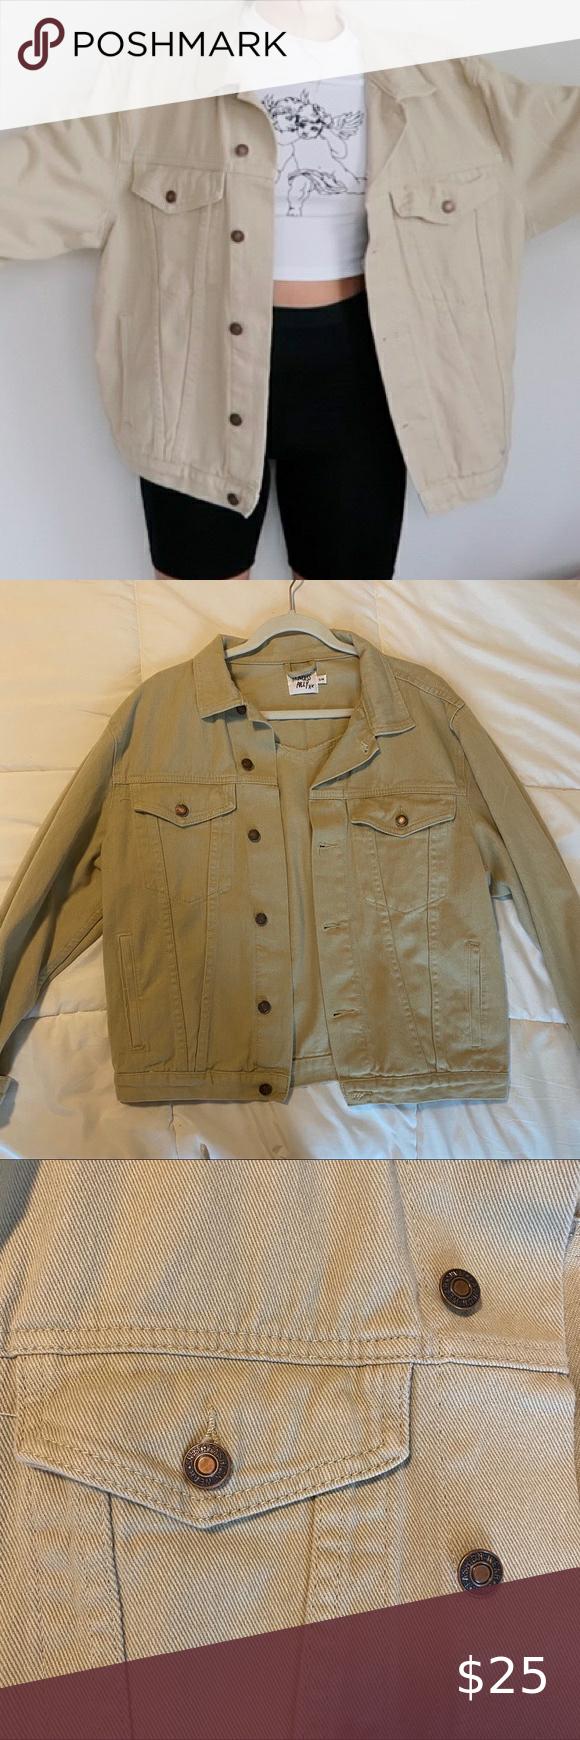 Beige Jean Jacket Beige Jeans Jean Jacket Jackets [ 1740 x 580 Pixel ]